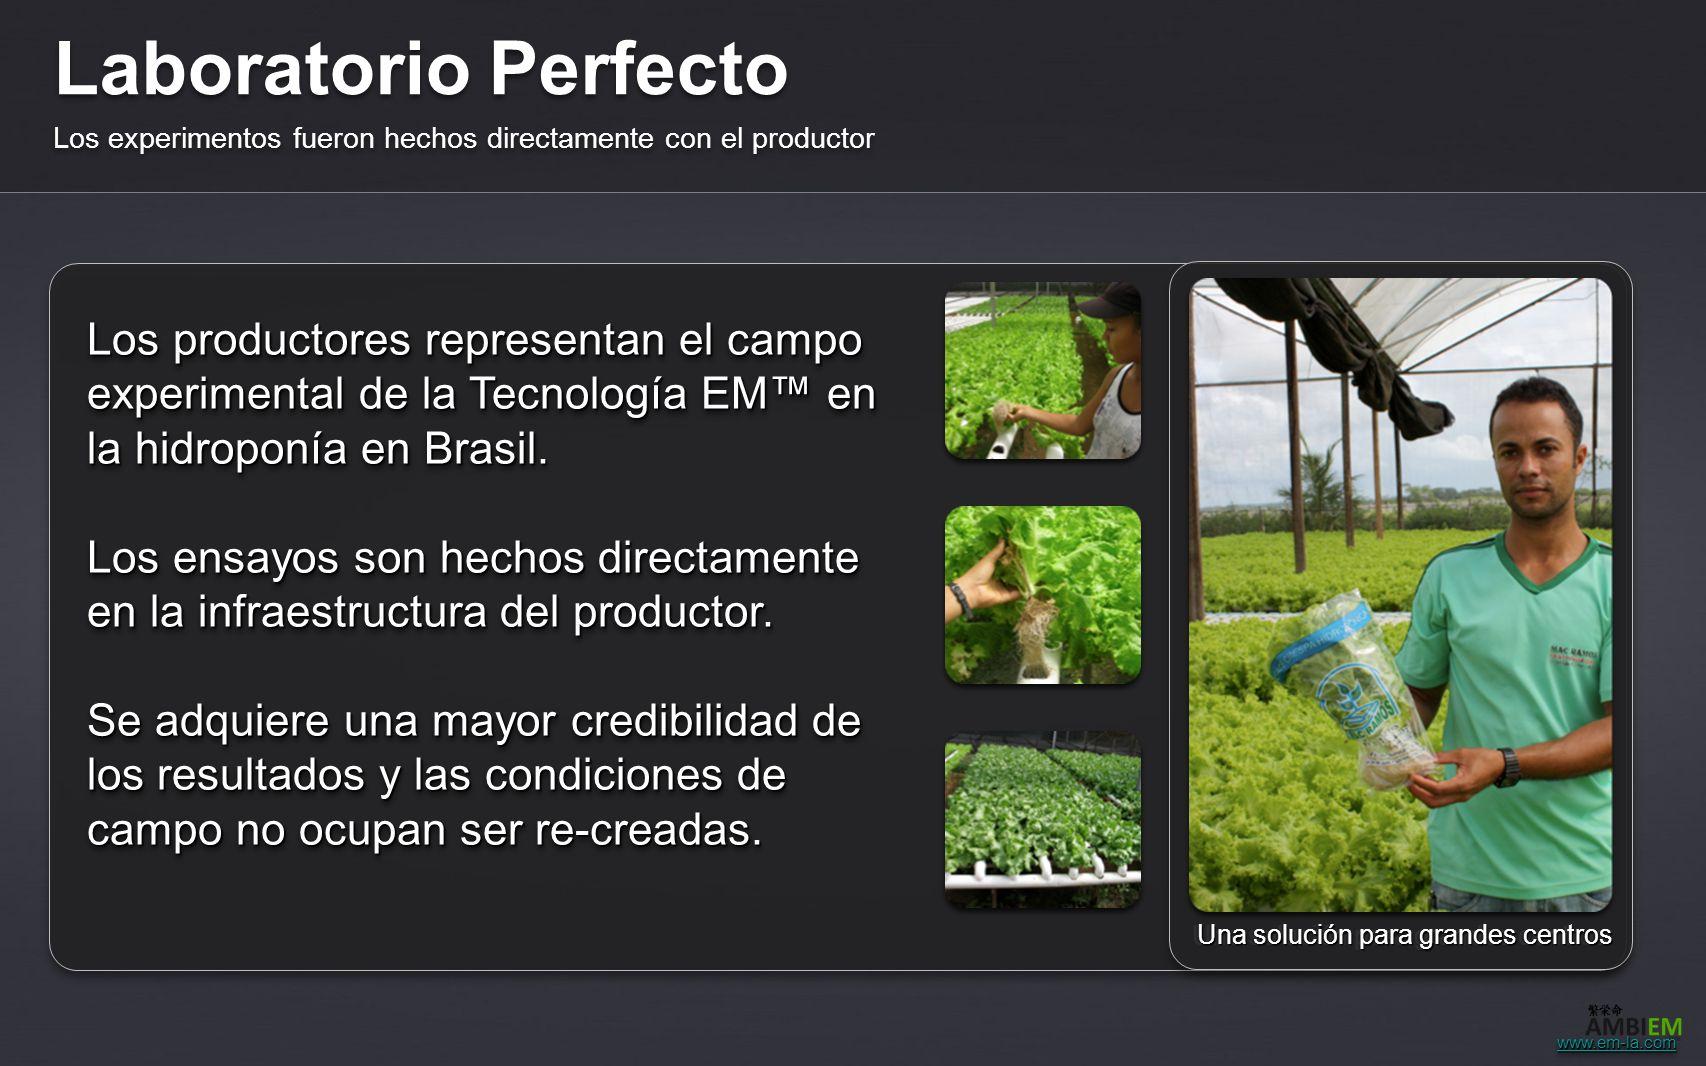 Laboratorio Perfecto Los experimentos fueron hechos directamente con el productor. Una solución para grandes centros.